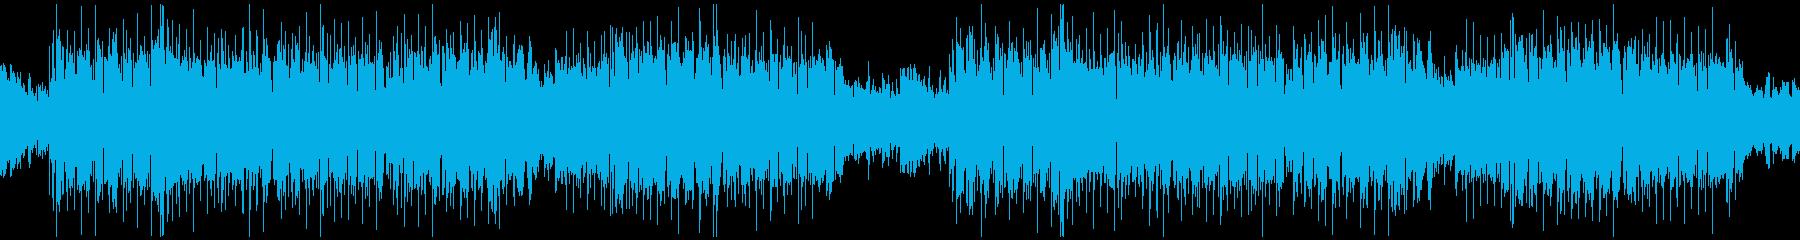 フルートが魅力的なLofi Hiphopの再生済みの波形